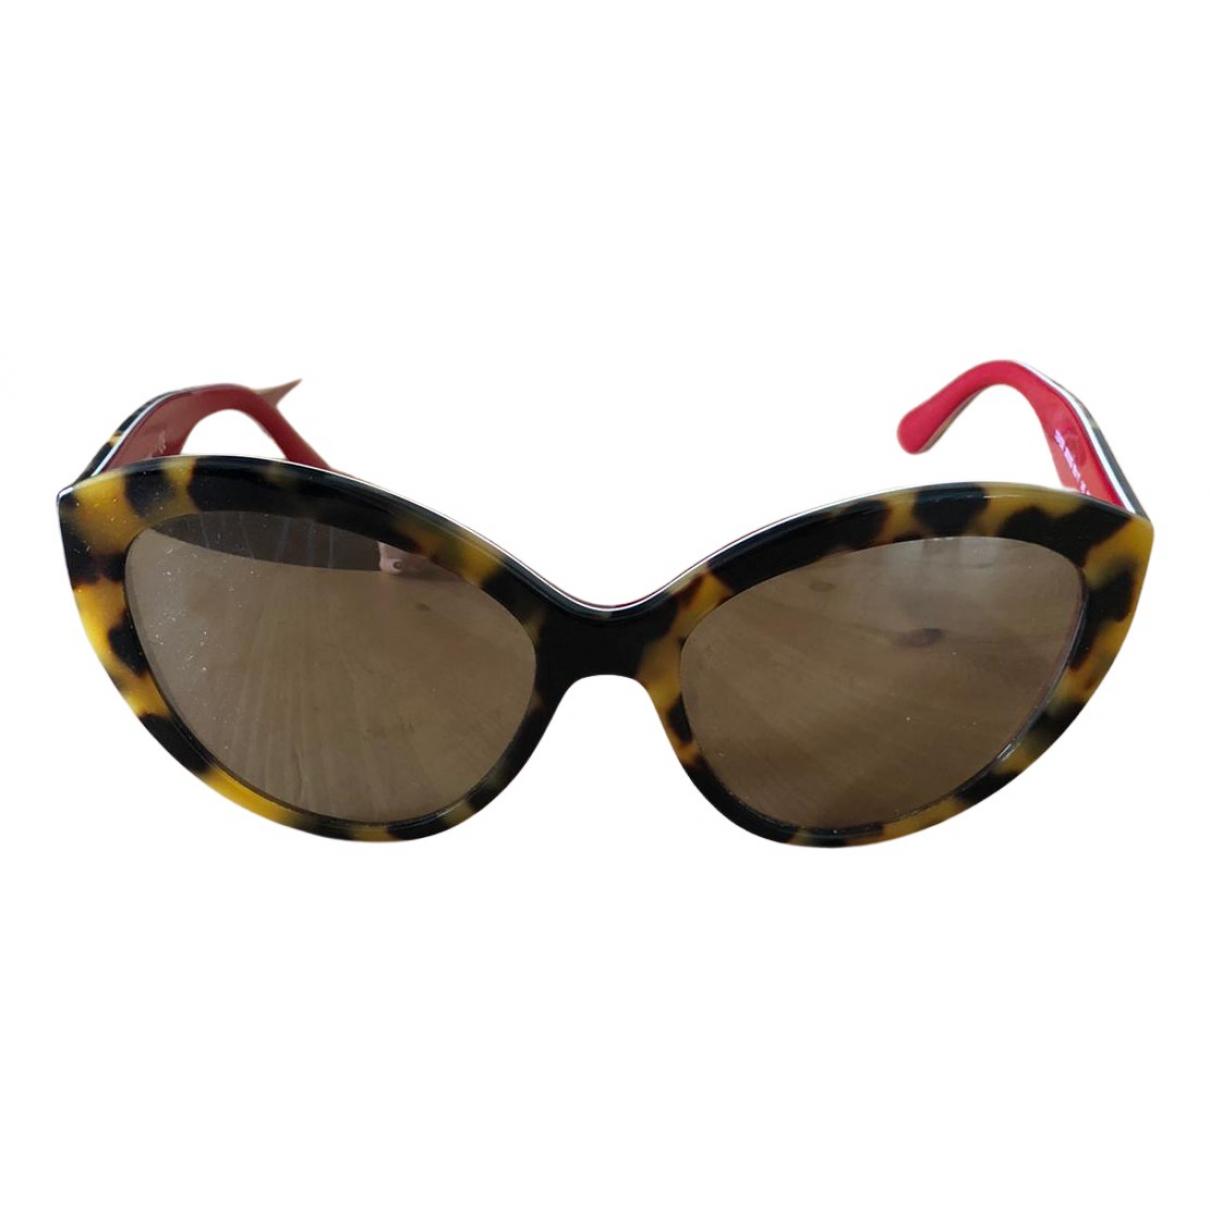 Dolce & Gabbana N Beige Sunglasses for Women N